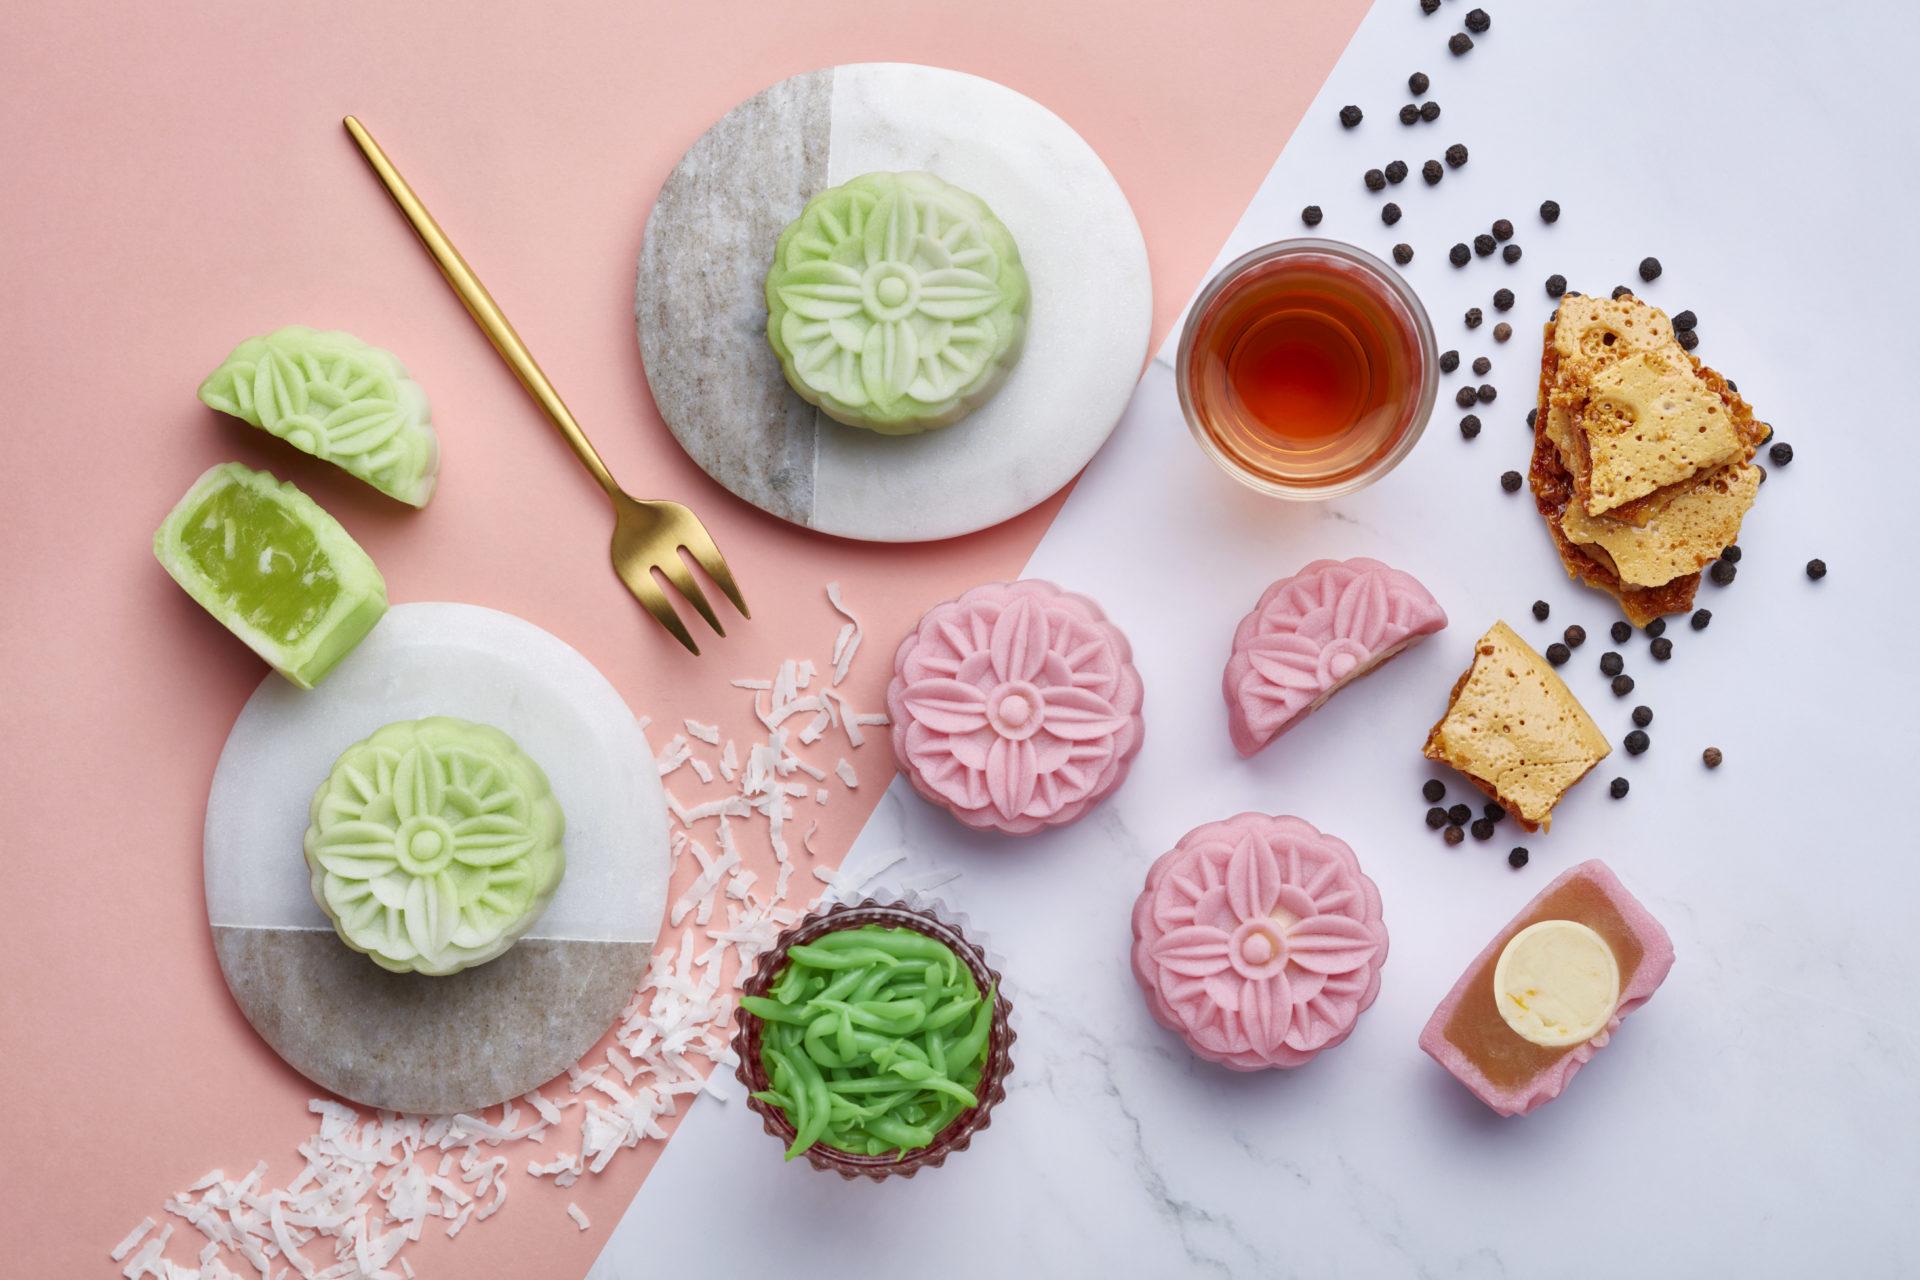 13 luxurious mooncakes to celebrate this Mid-Autumn Festival